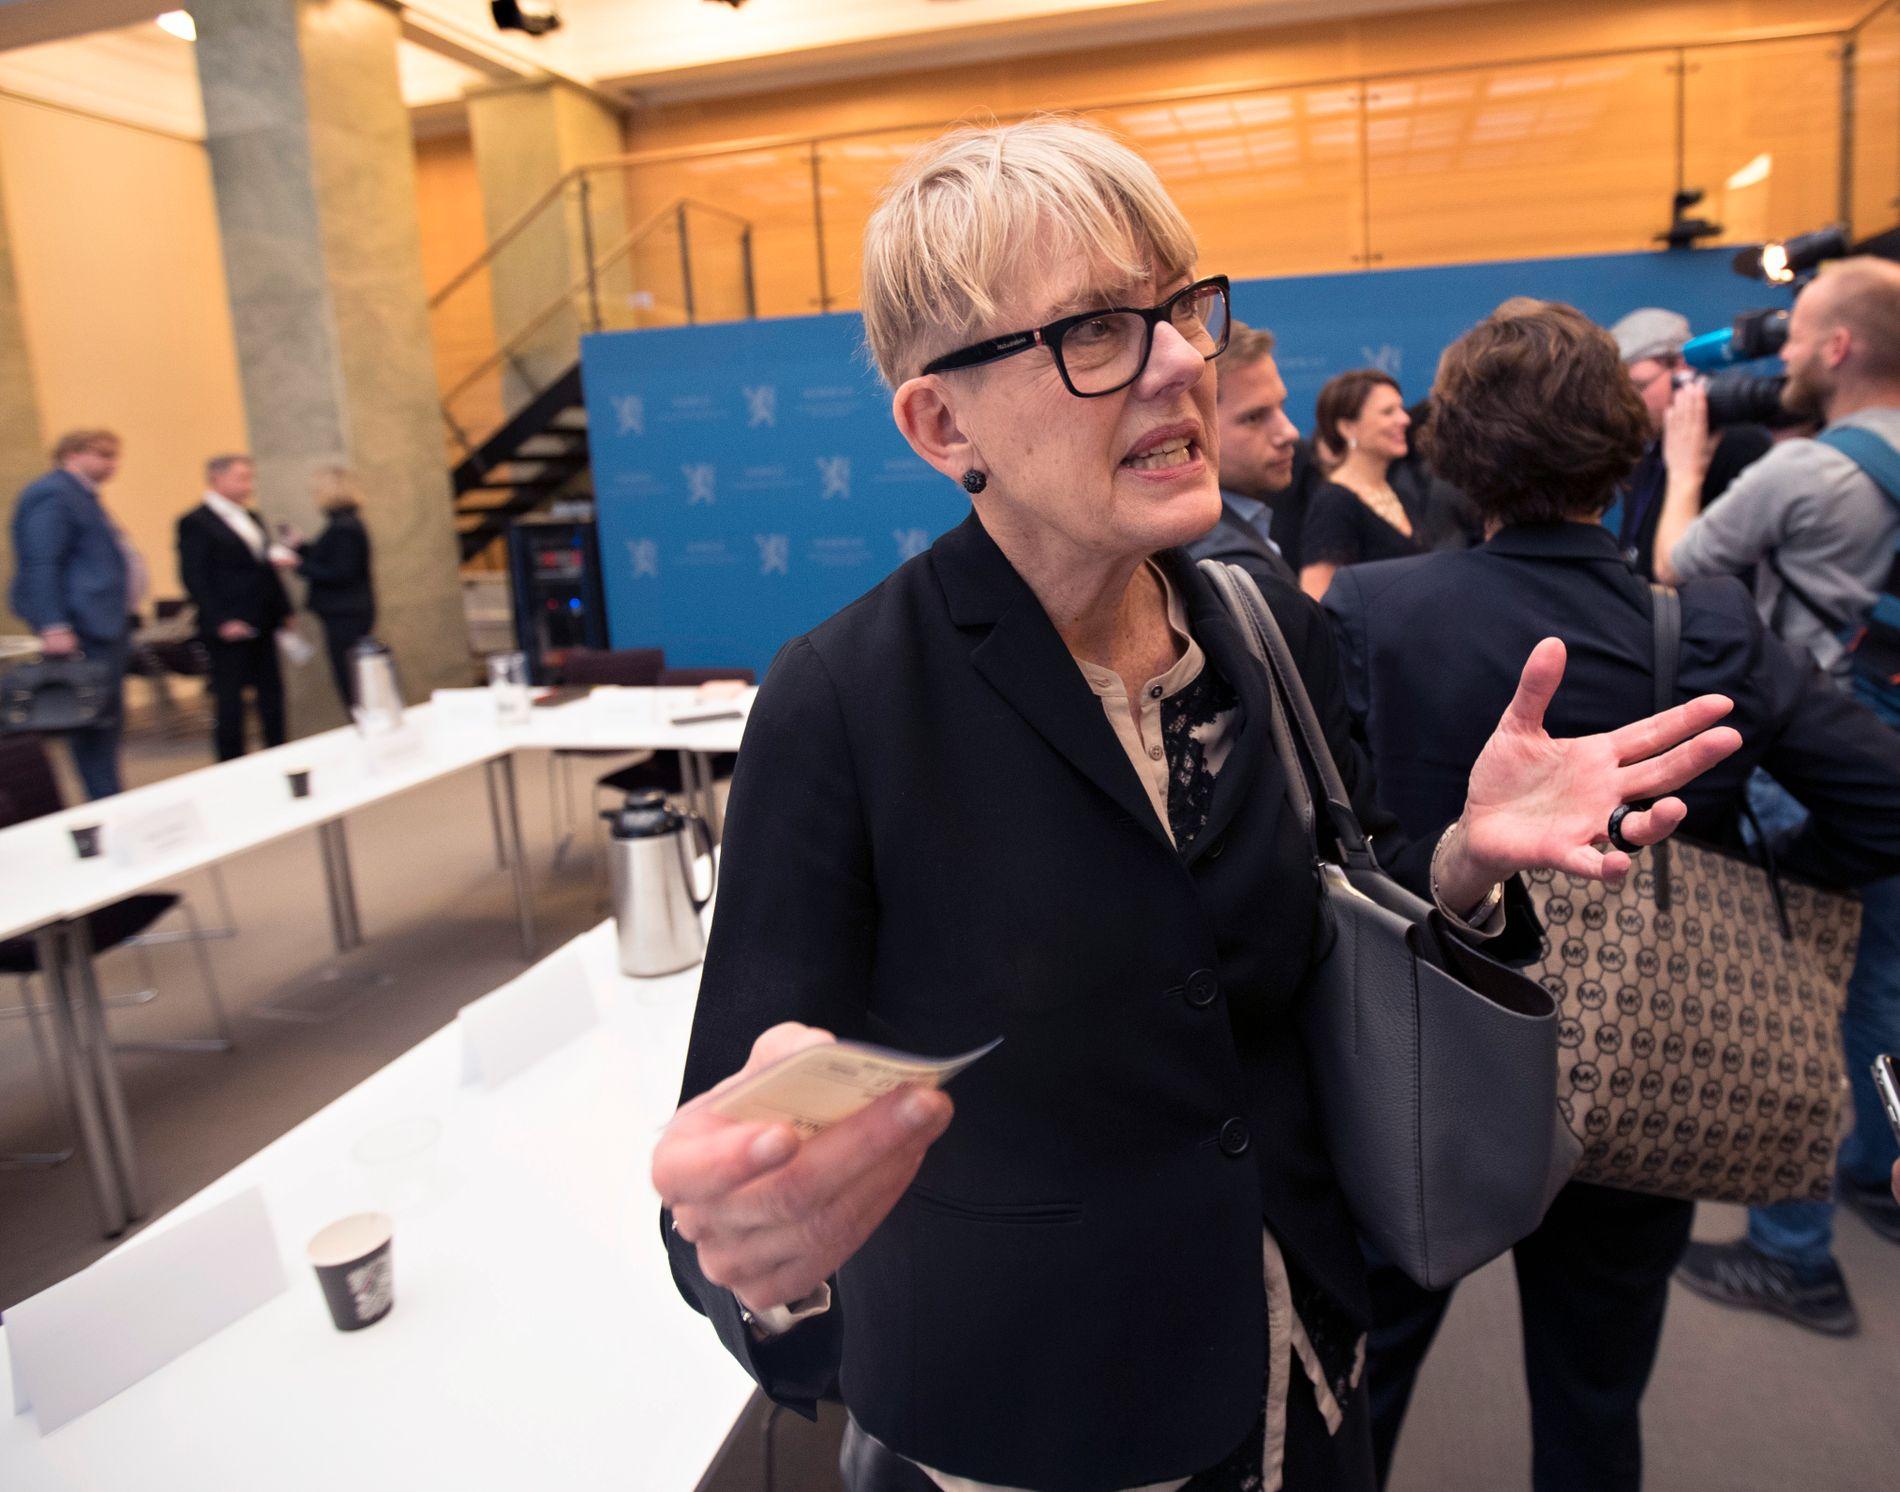 KRITISERES: Mangeårig utdanningsdirektør Astrid Søgnen i Oslo kommune, må tåle kritikk etter at hun hyret inn konsulentselskapet EY (Ernst & Young) til å arbeide med videregående skoler med store utfordringer innen vold, rus og utagerende elever.